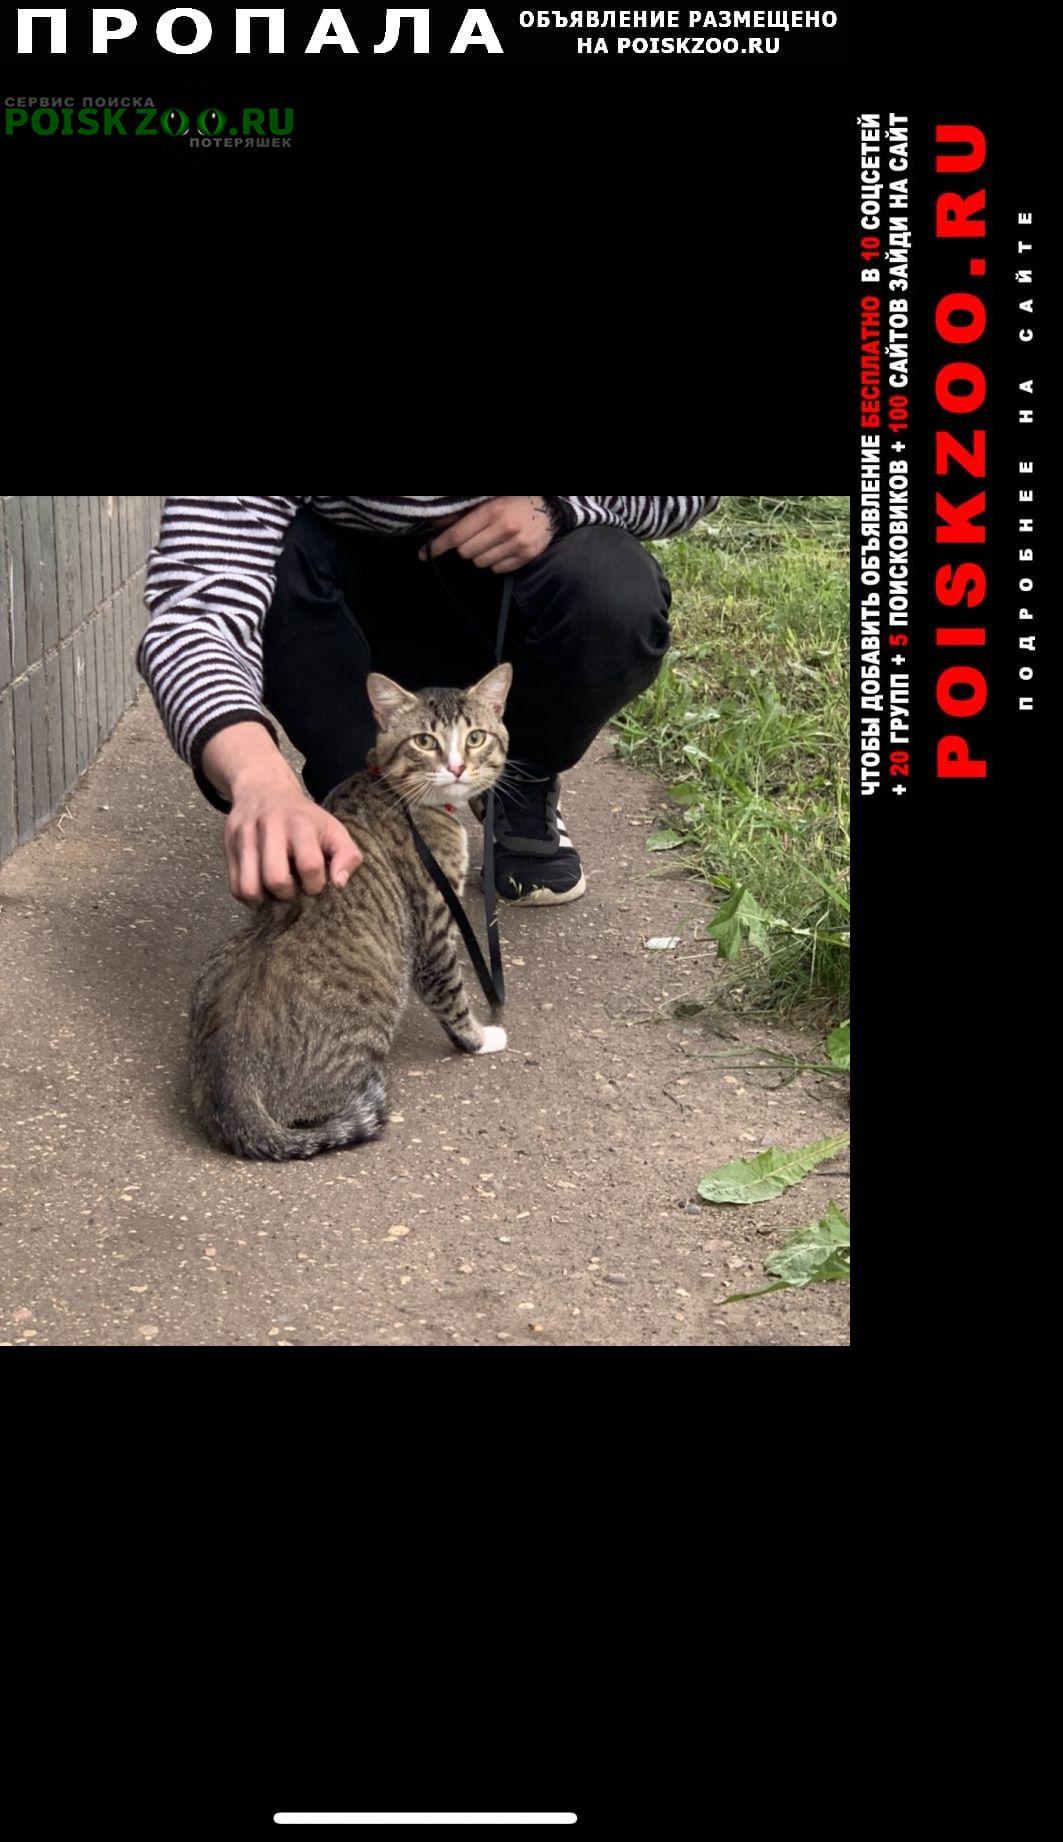 Калининград (Кенигсберг) Пропала кошка